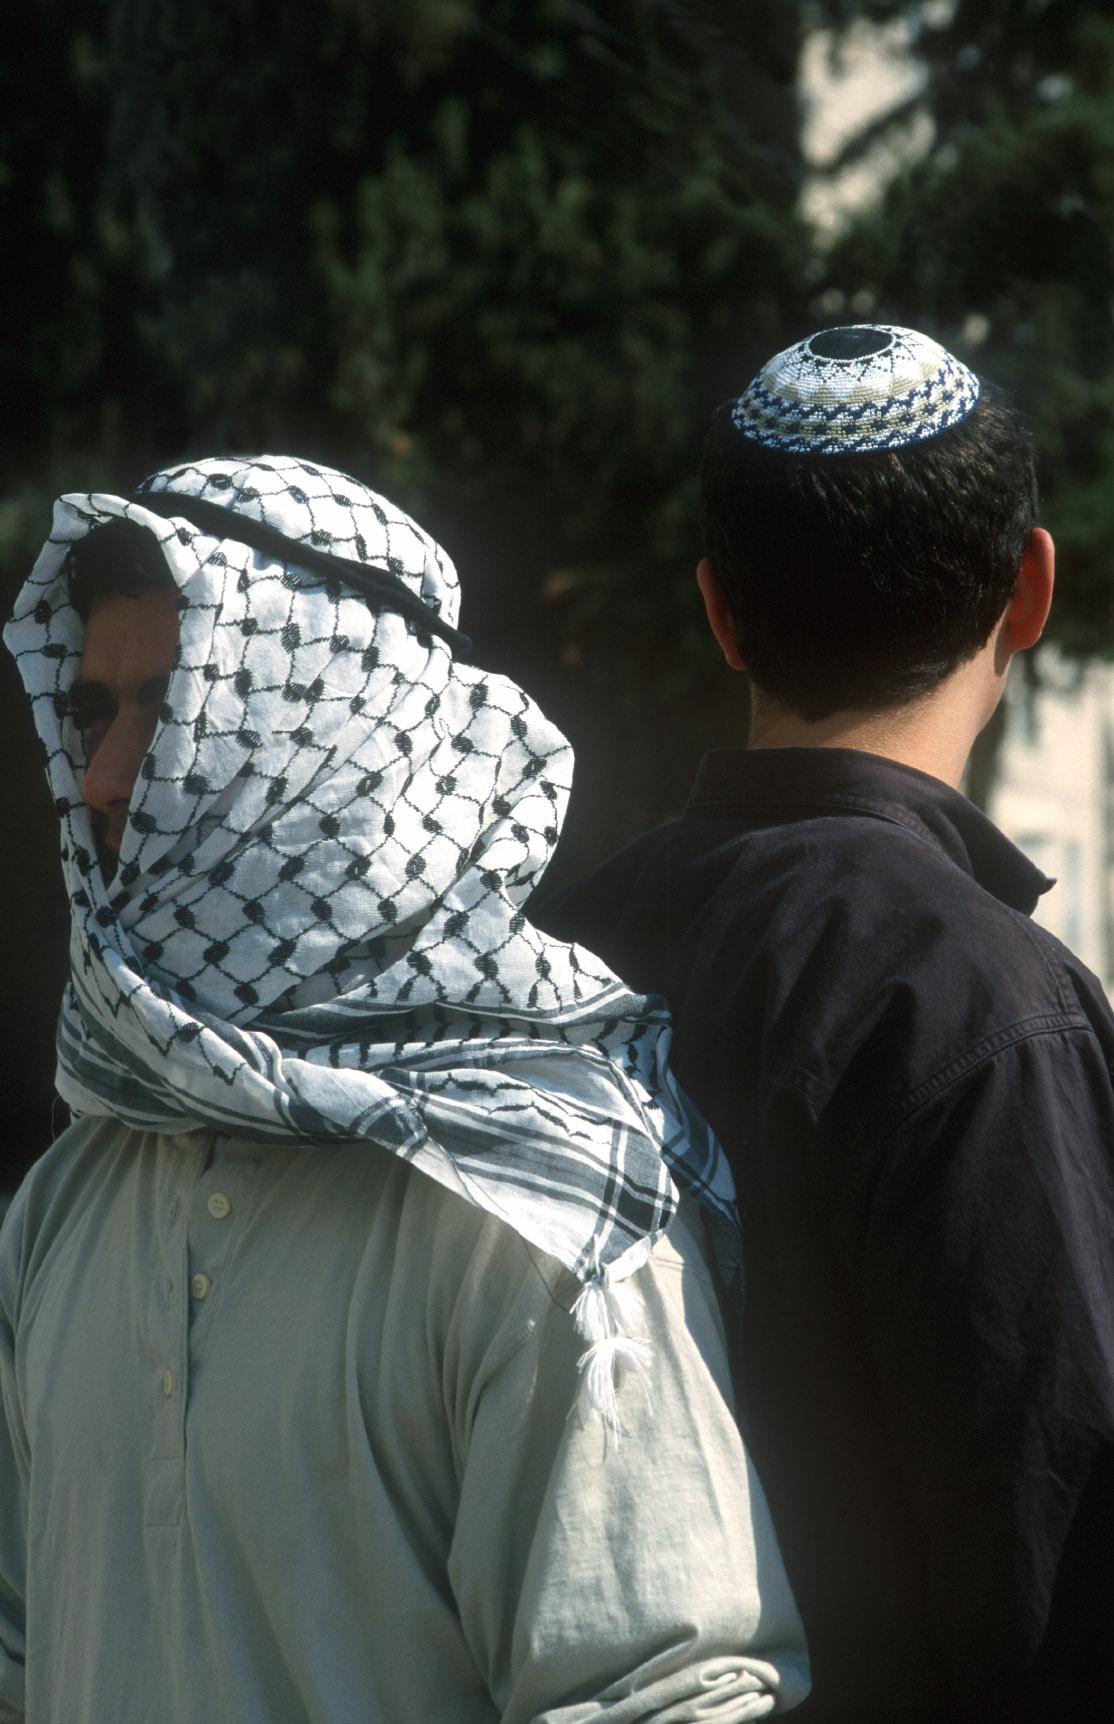 Symbolic gestures against hatred